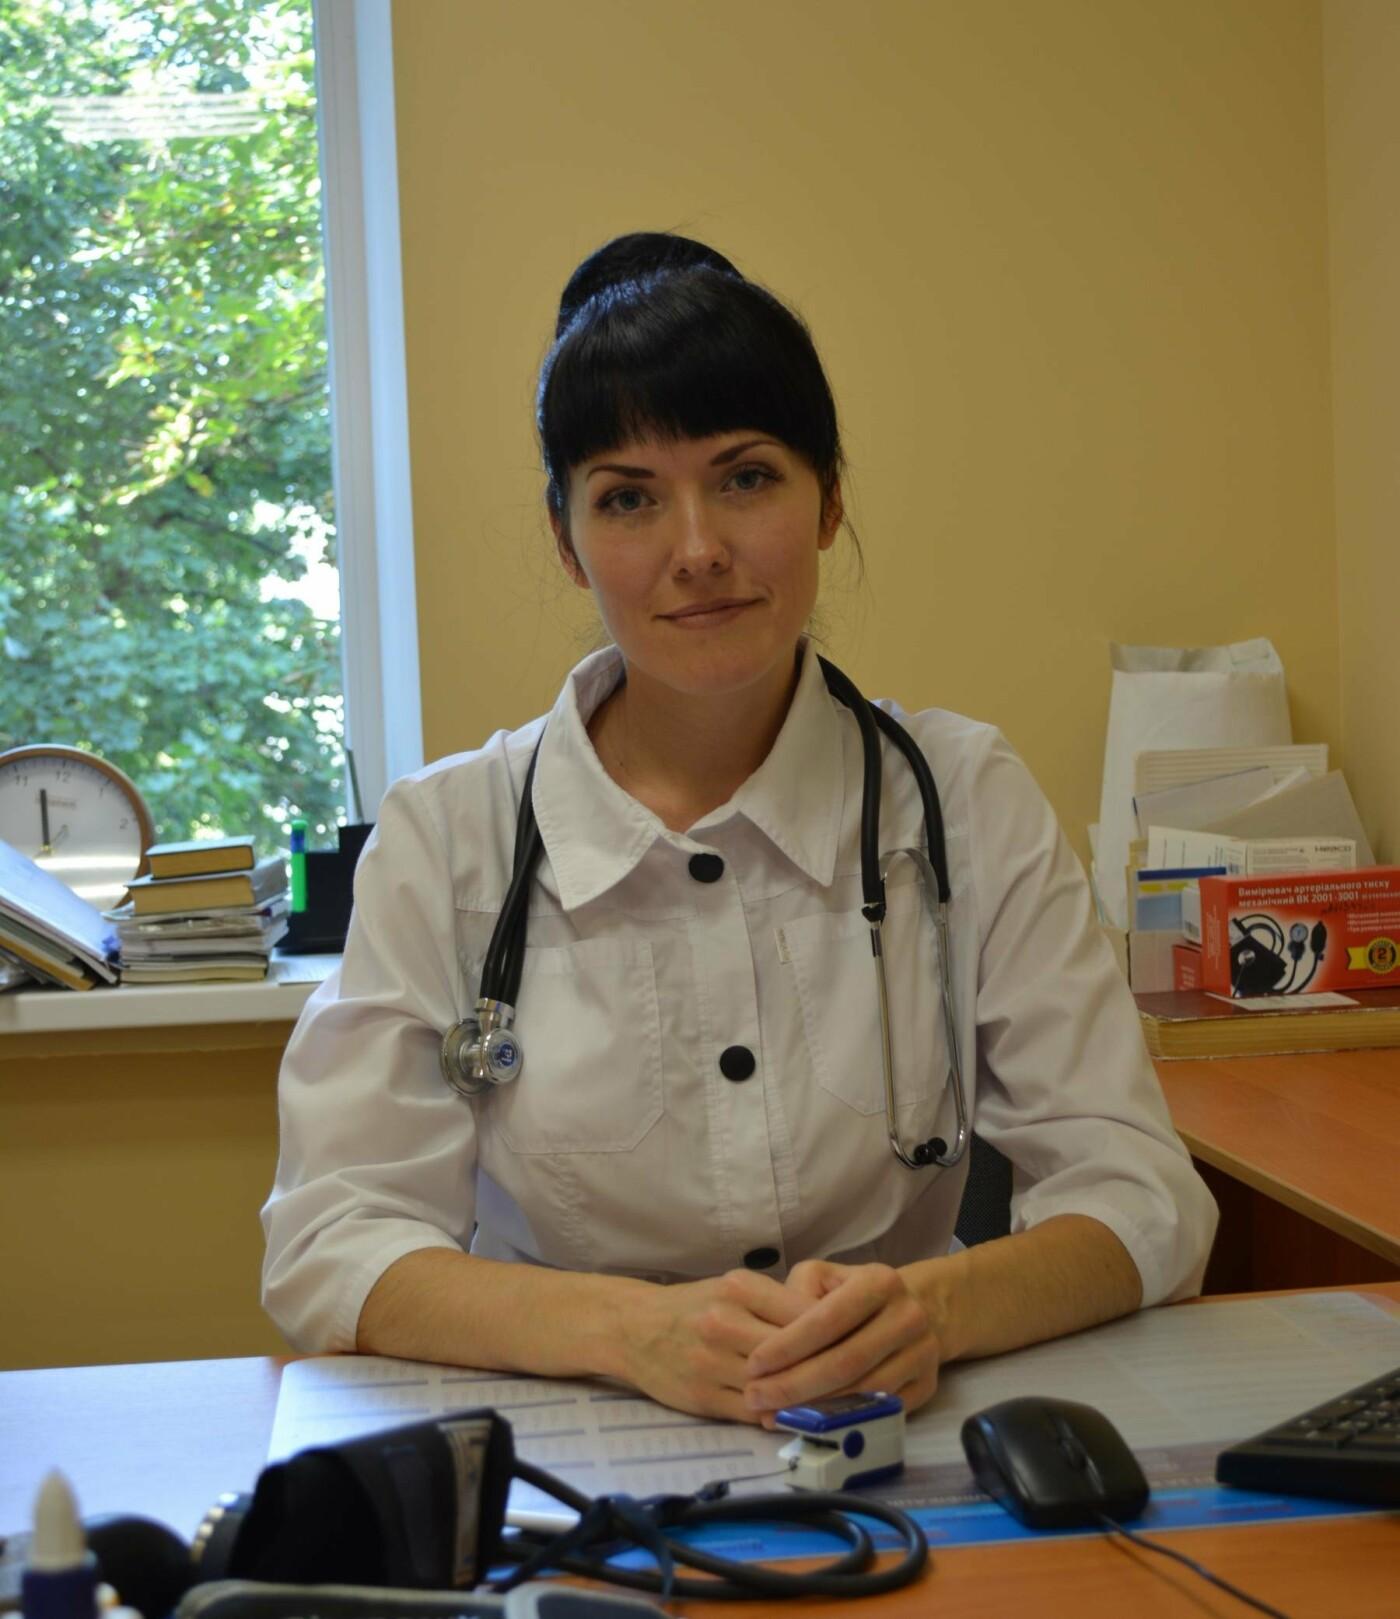 Инсульт: легче предотвратить, чем лечить – медики Краматорска, фото-1